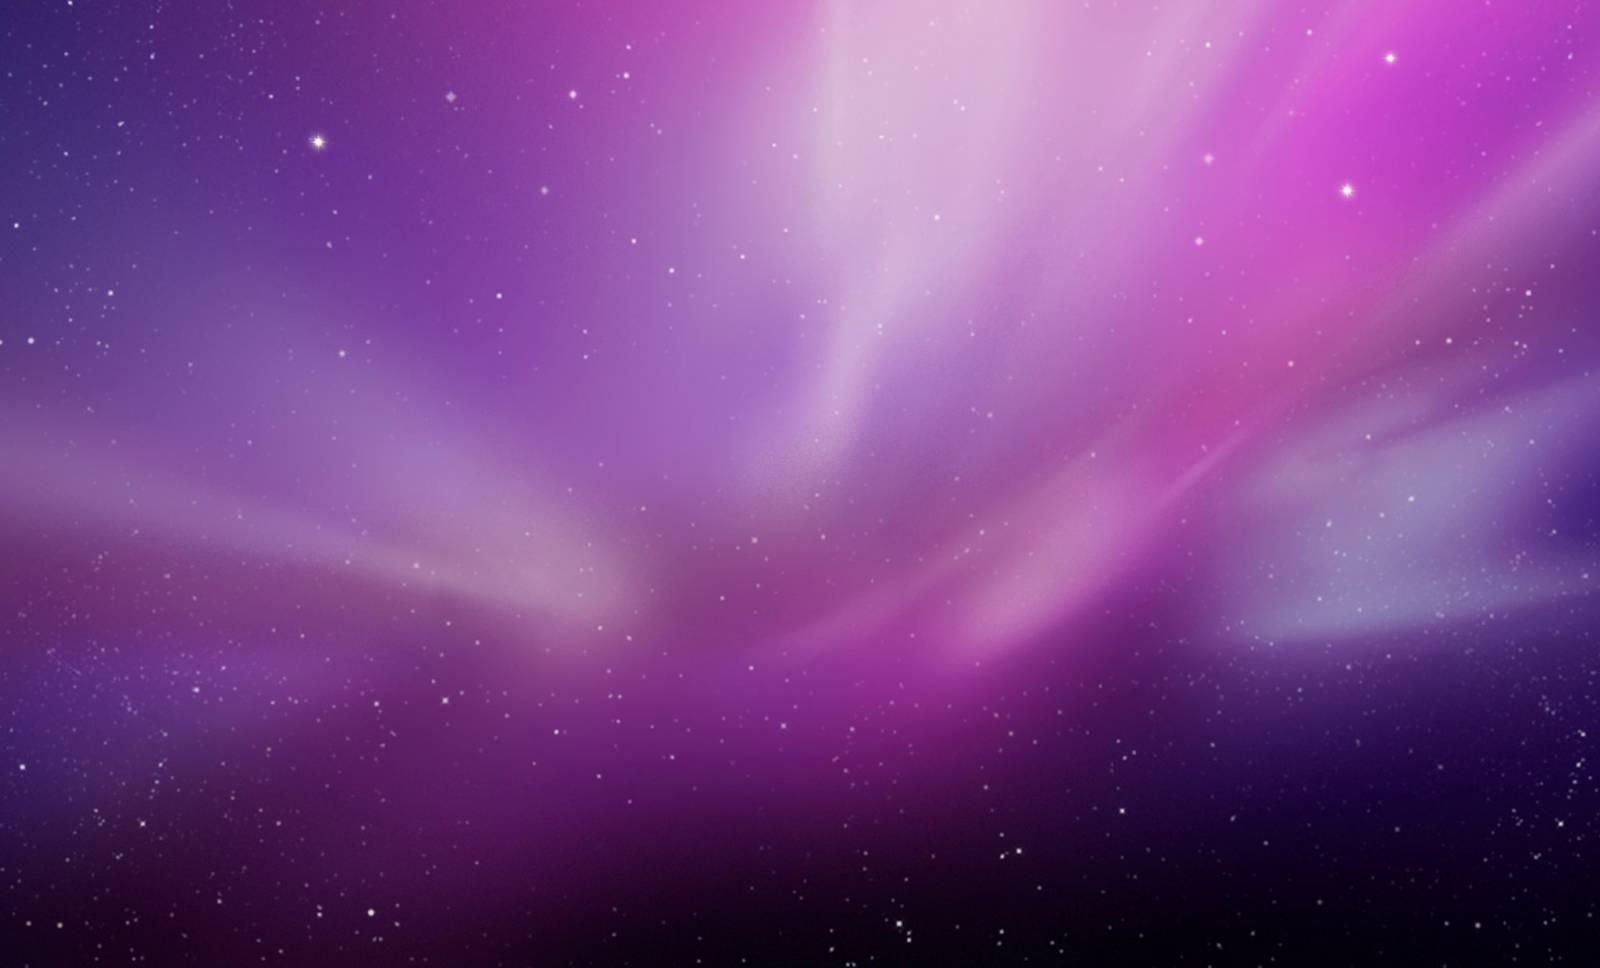 16 ianuarie 2020 - Wallpaper pentru iPhone, iPod si iPad